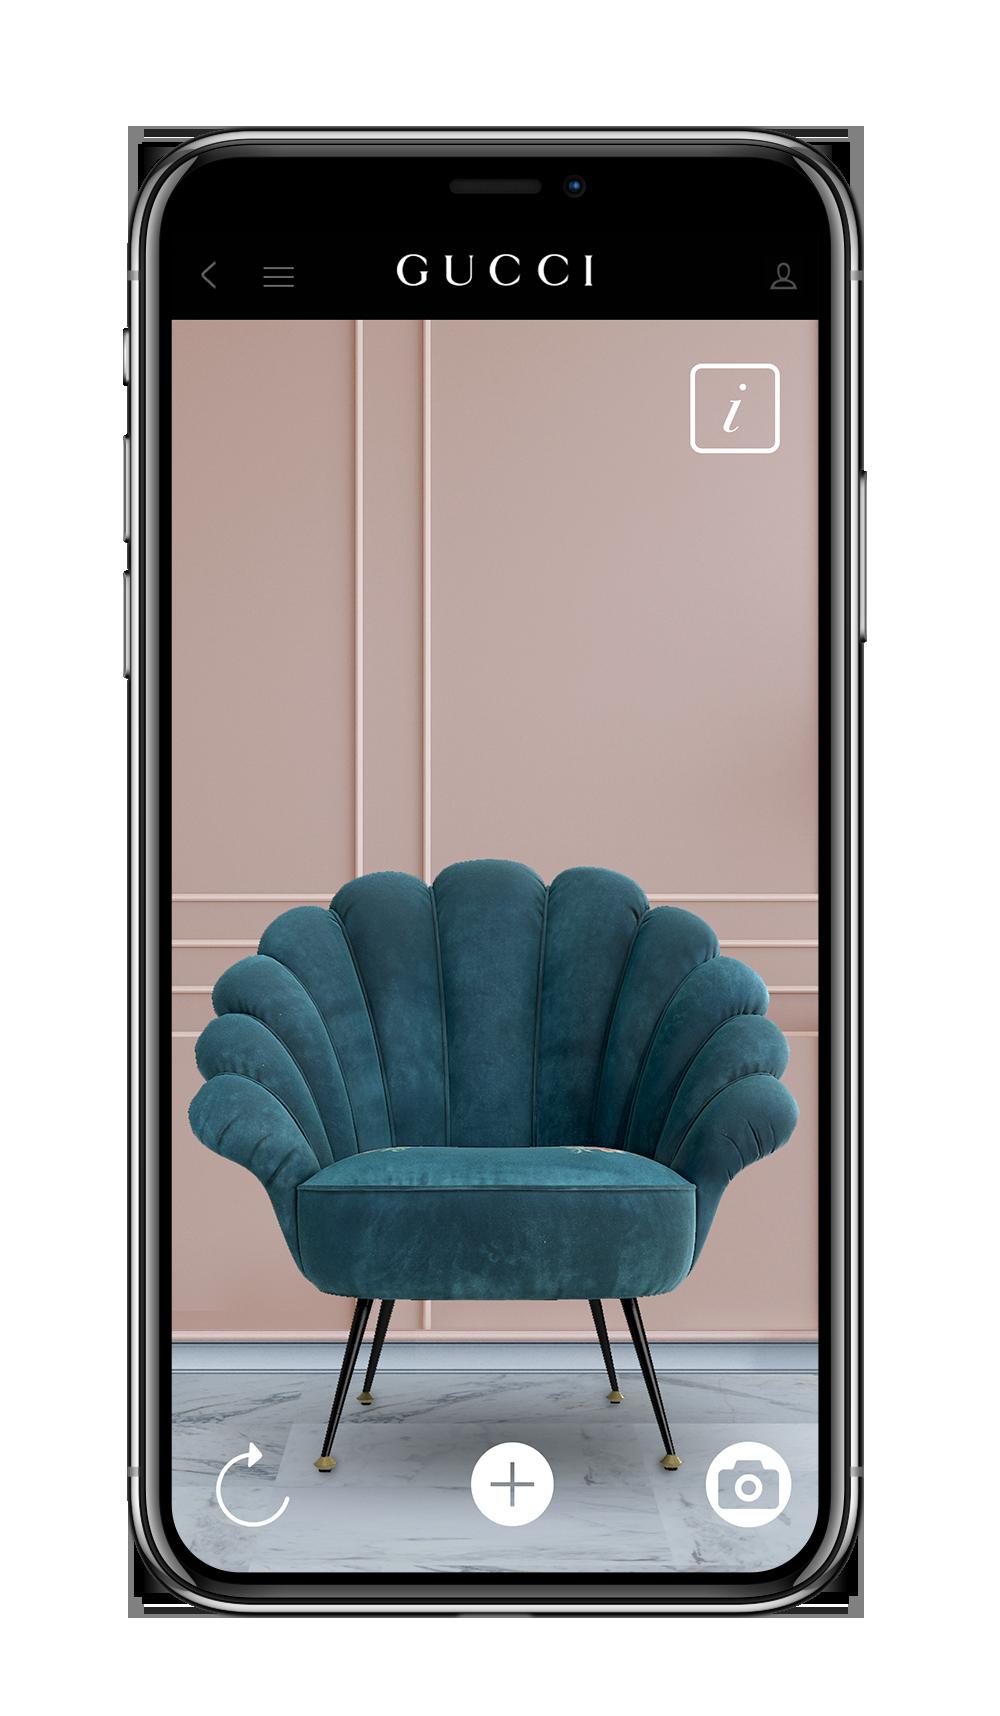 Gucci app: Gucci Decor